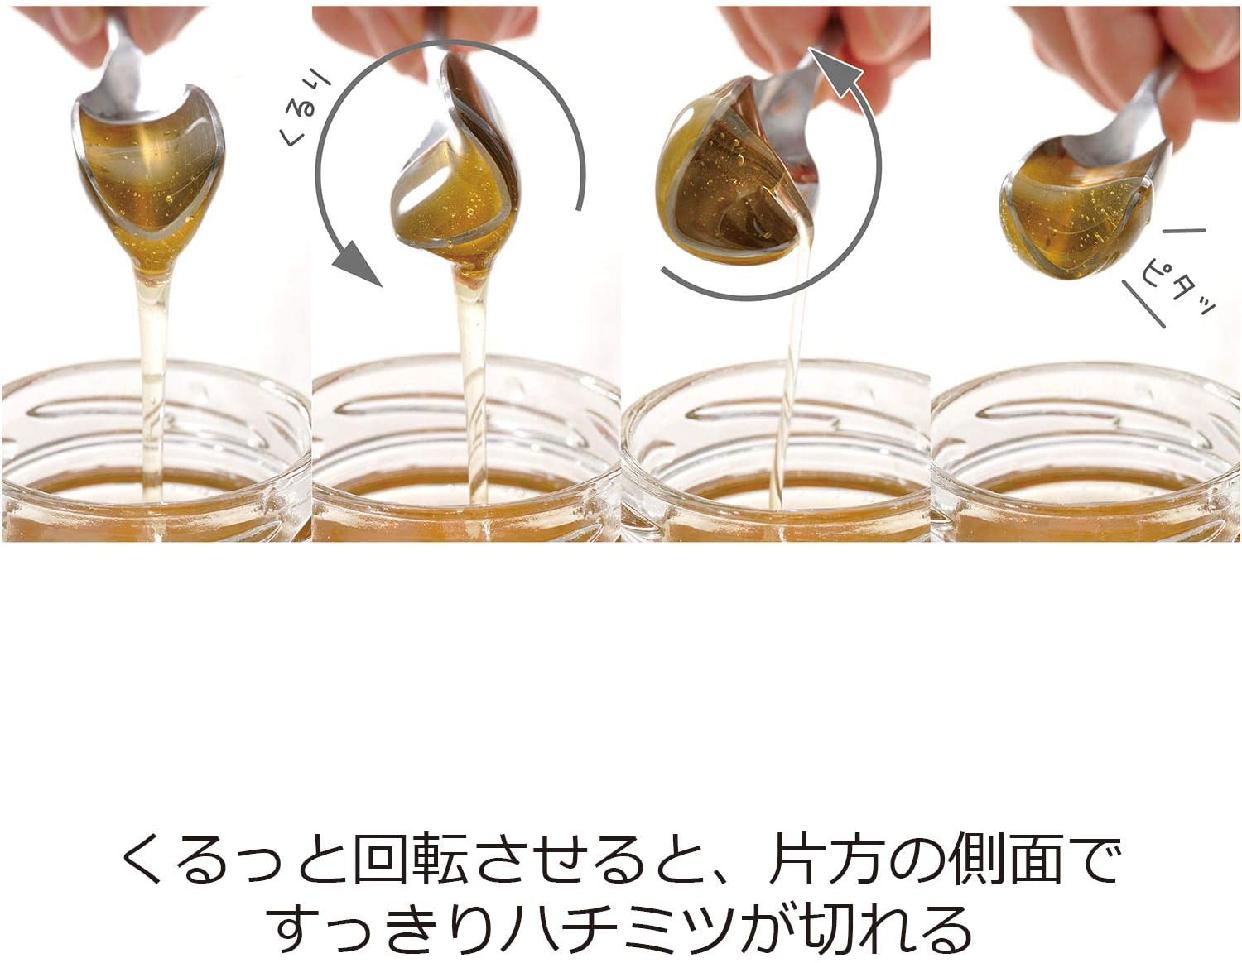 leye(レイエ) くるりとハチミツスプーン LS1523の商品画像5